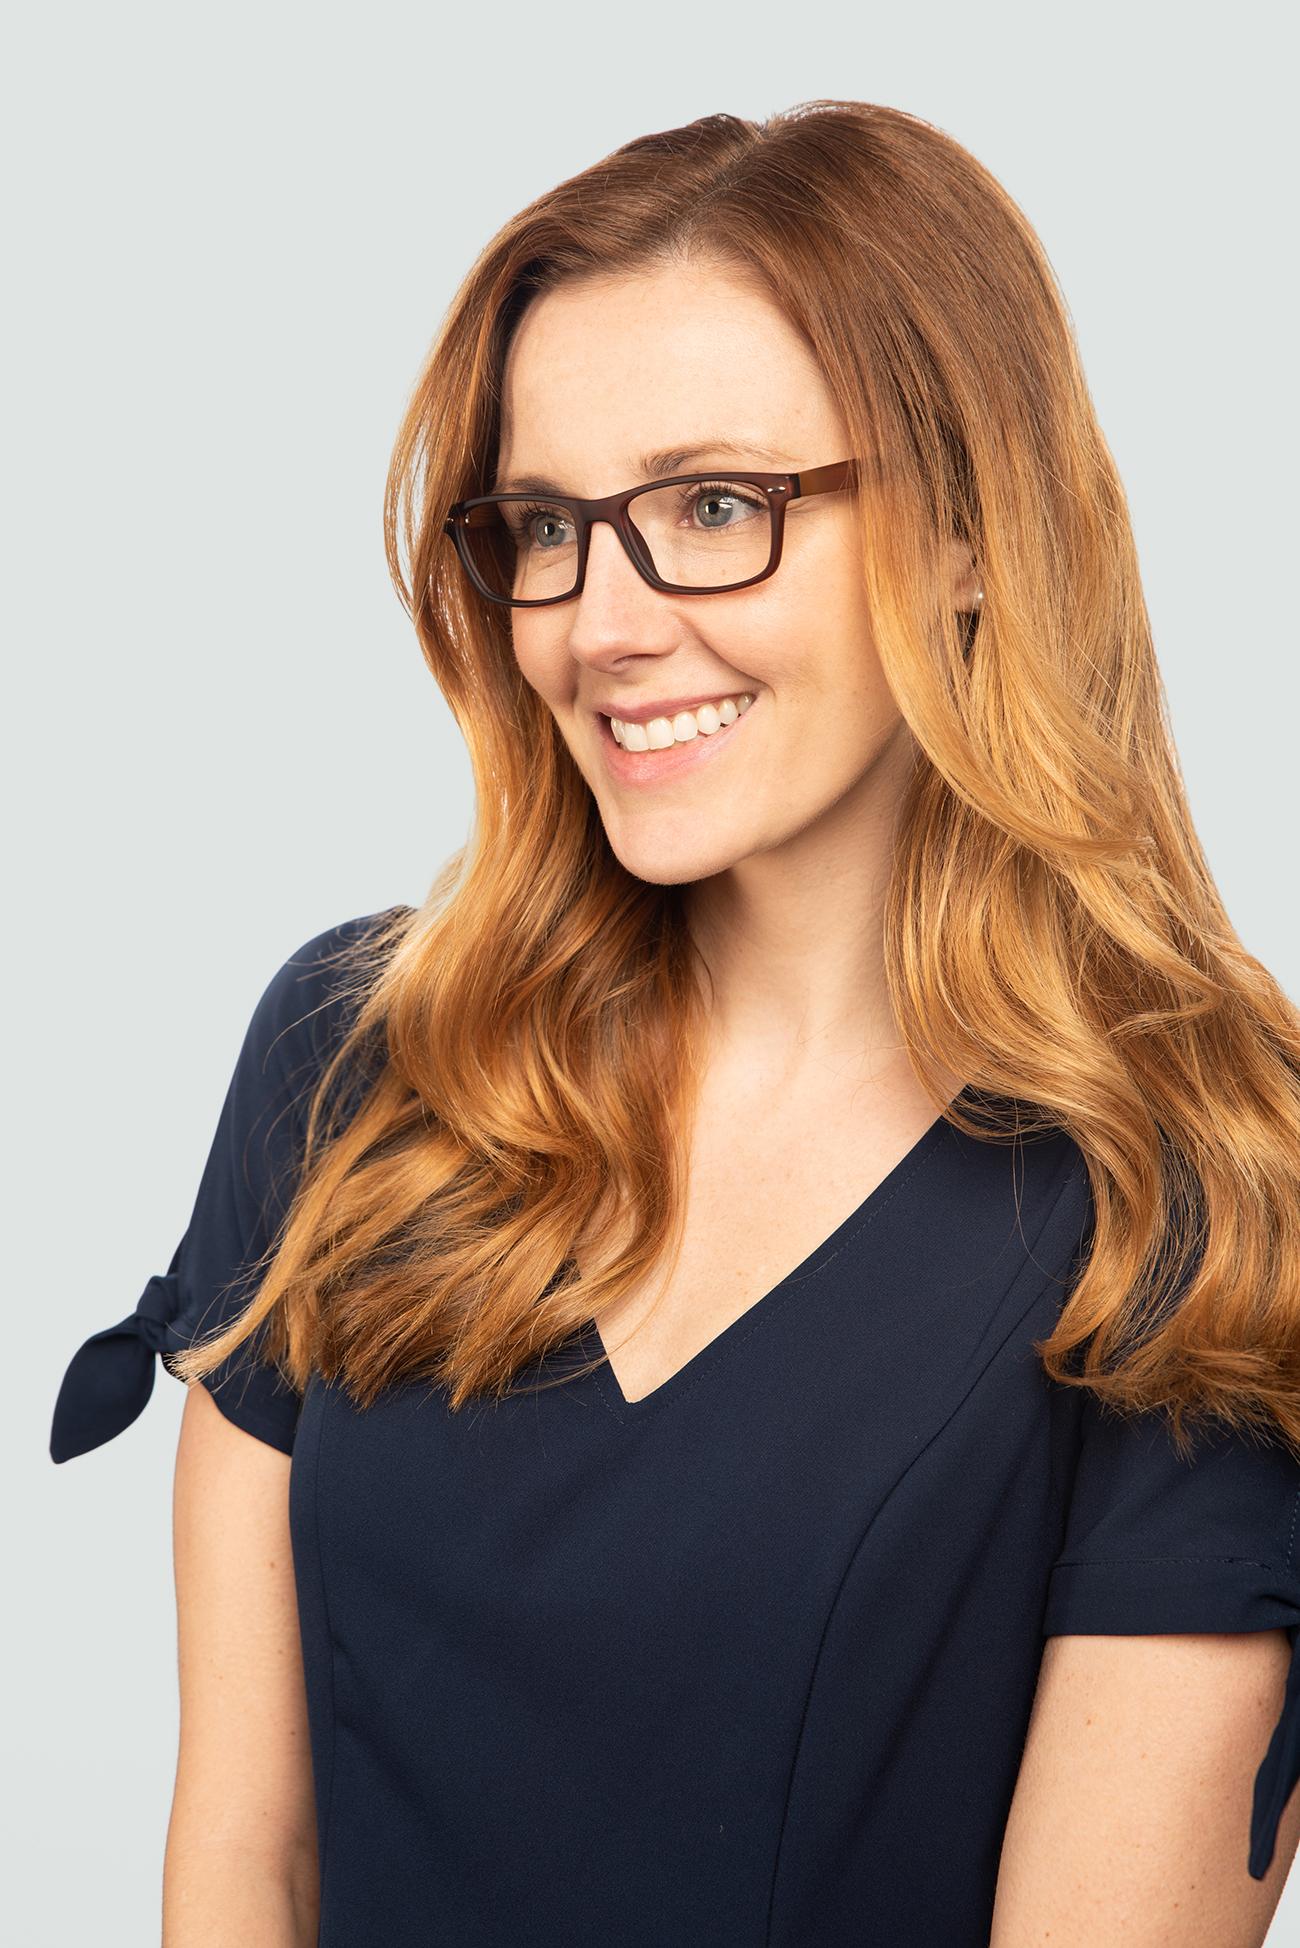 Second model wearing Retro Eyewear 103 frames